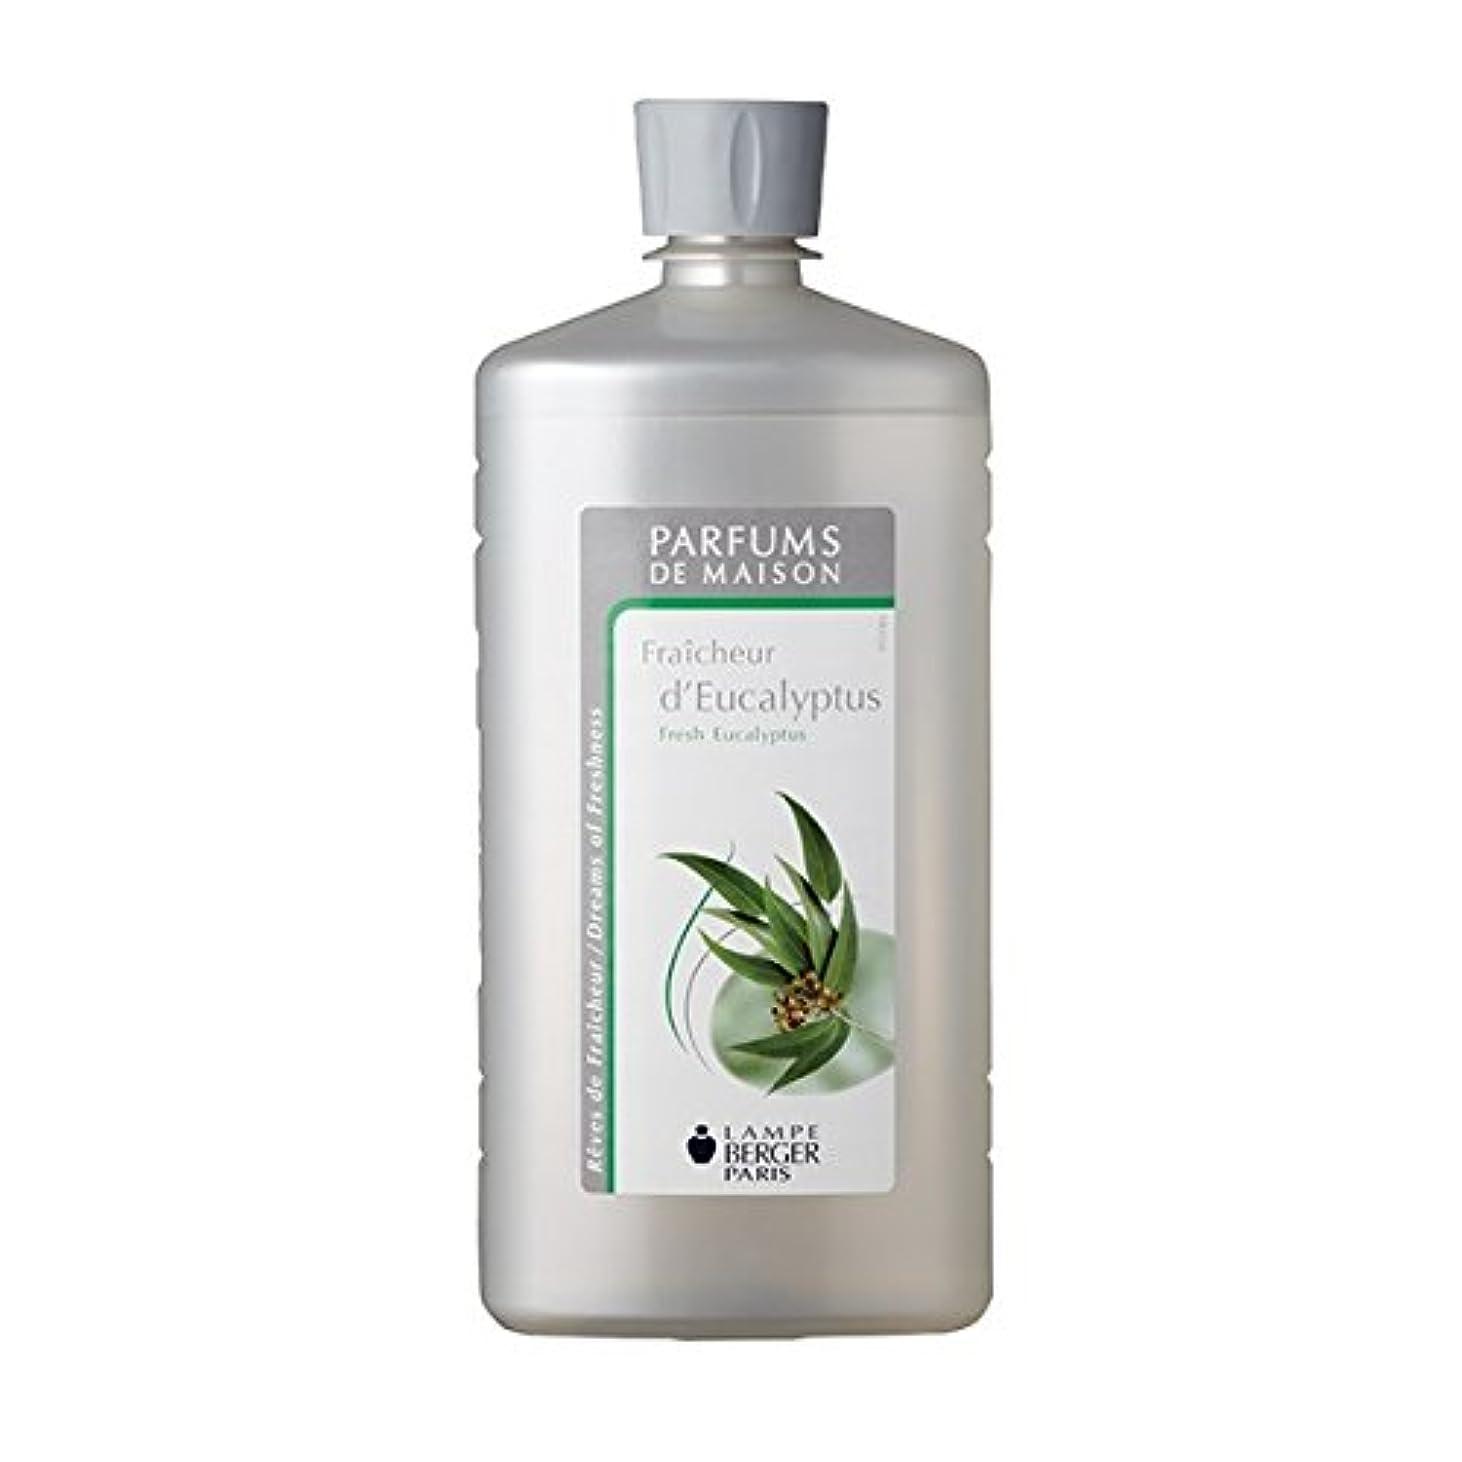 最初冷凍庫約束するランプベルジェオイル(ユーカリ)Fraîcheur d'Eucalyptus Fresh Eucalyptus